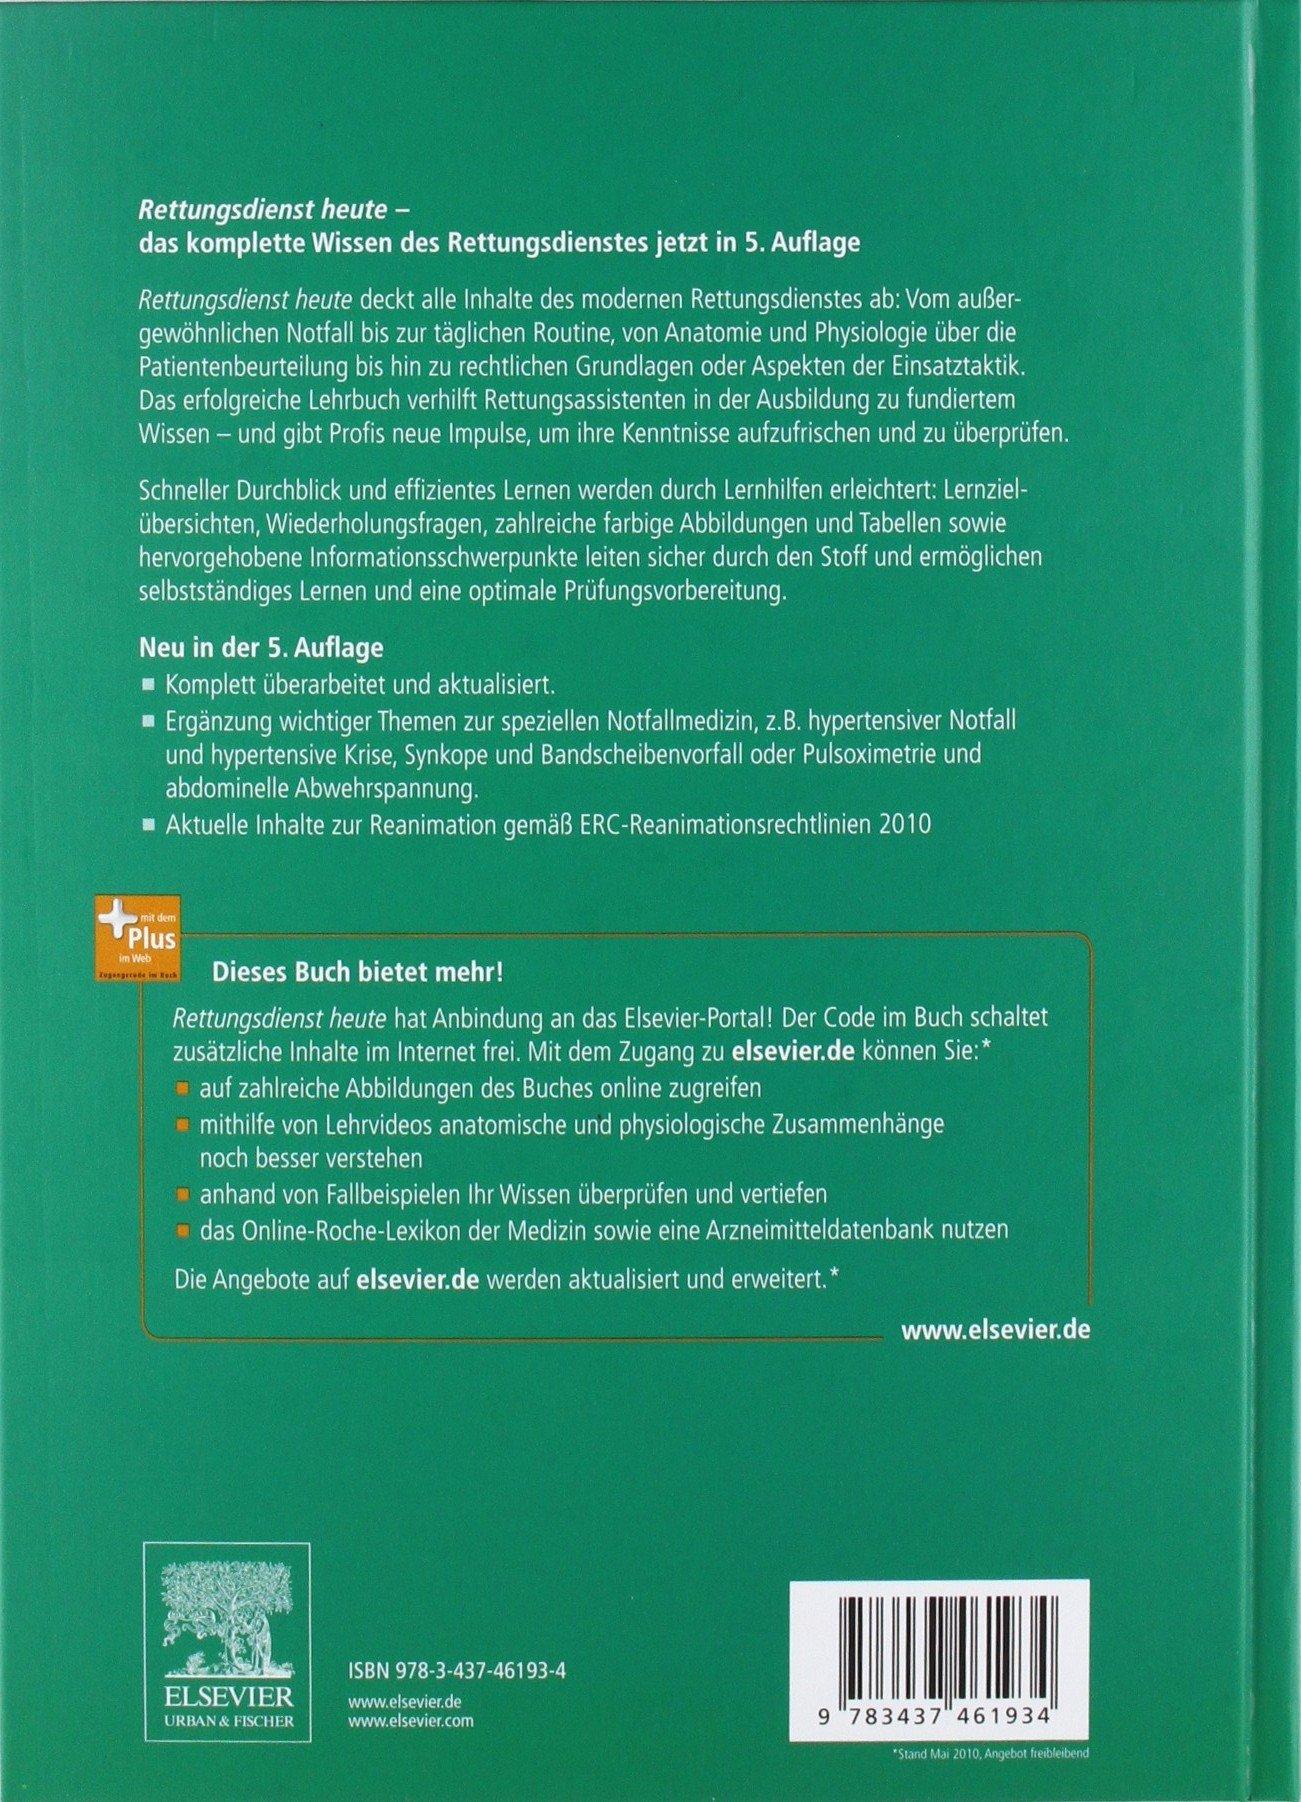 Rettungsdienst heute: mit Zugang zum Elsevier-Portal: Amazon.de ...